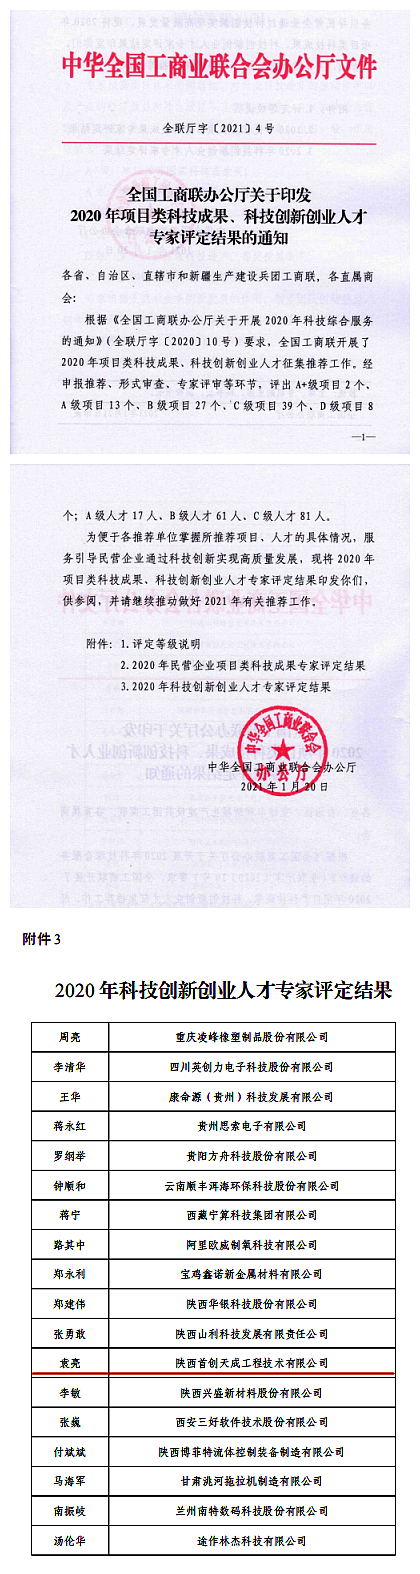 熱烈祝賀首創天成設計院董事長、總經理、黨支部書記袁亮 獲頒全國工商聯榮譽稱號